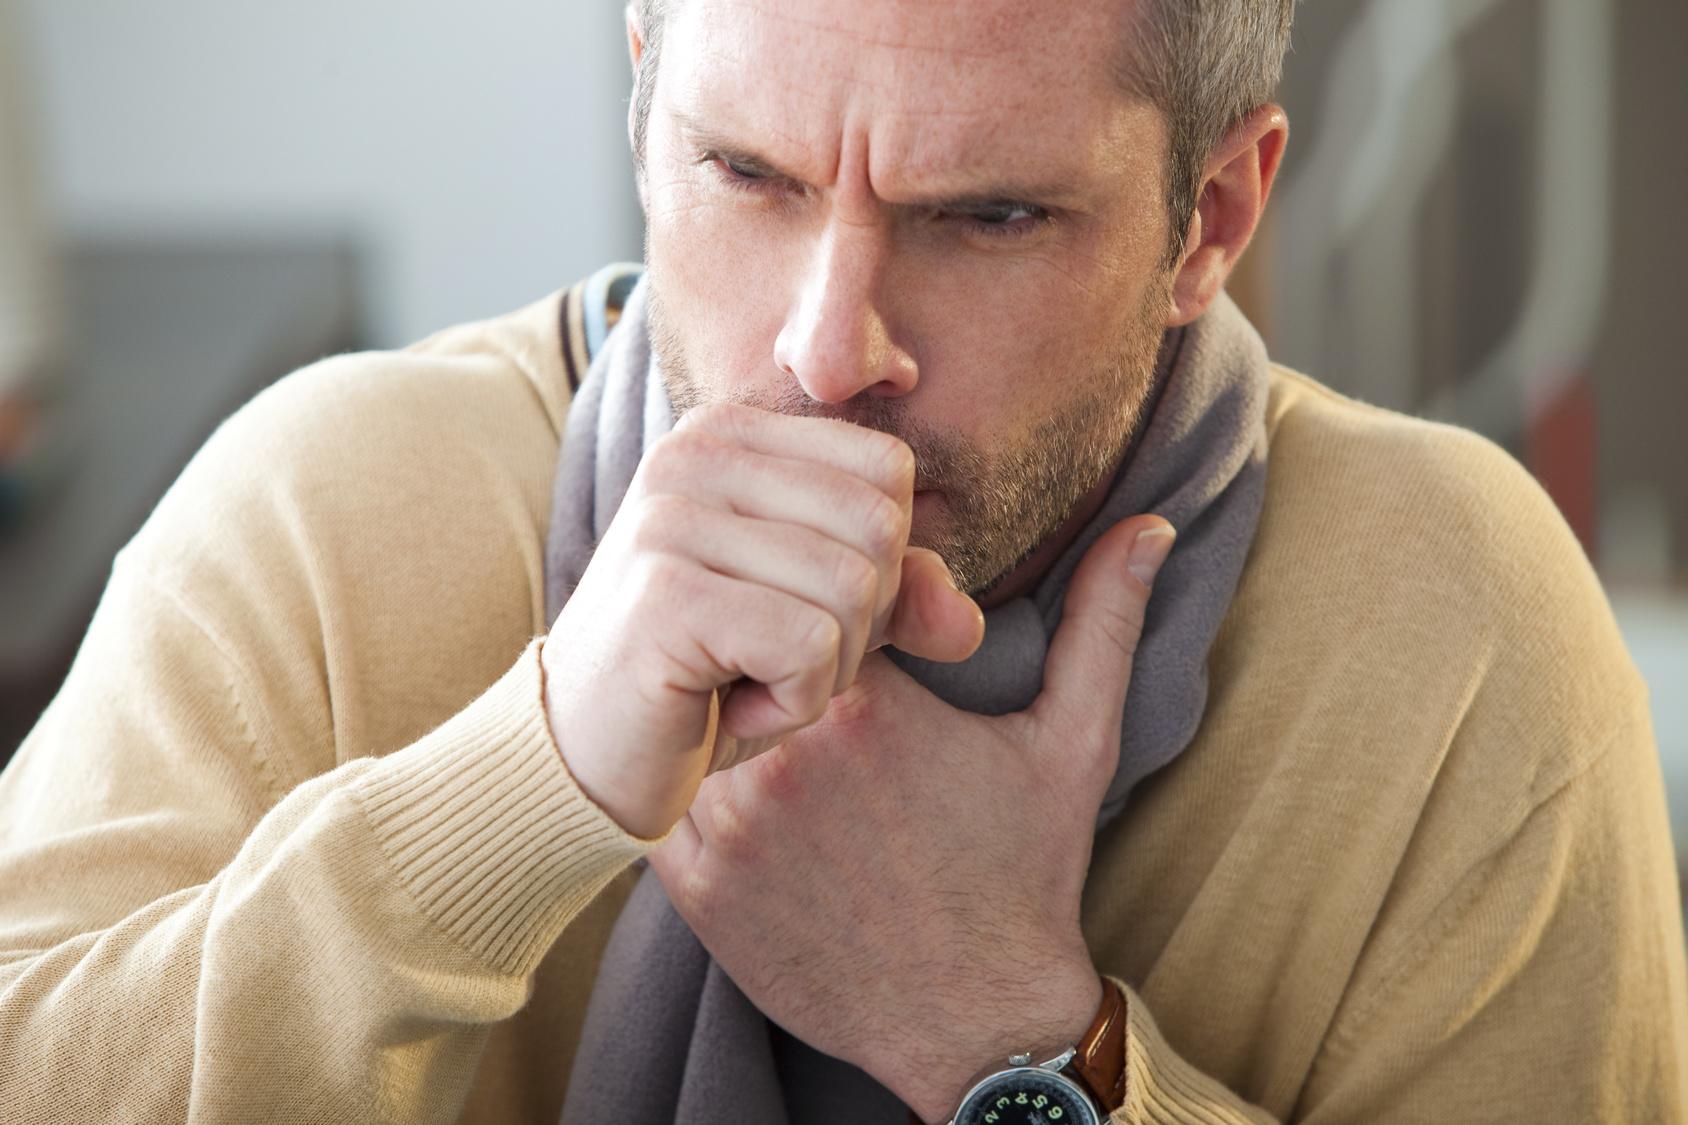 Простуда, грипп или коронавирус? Как отличить симптомы?